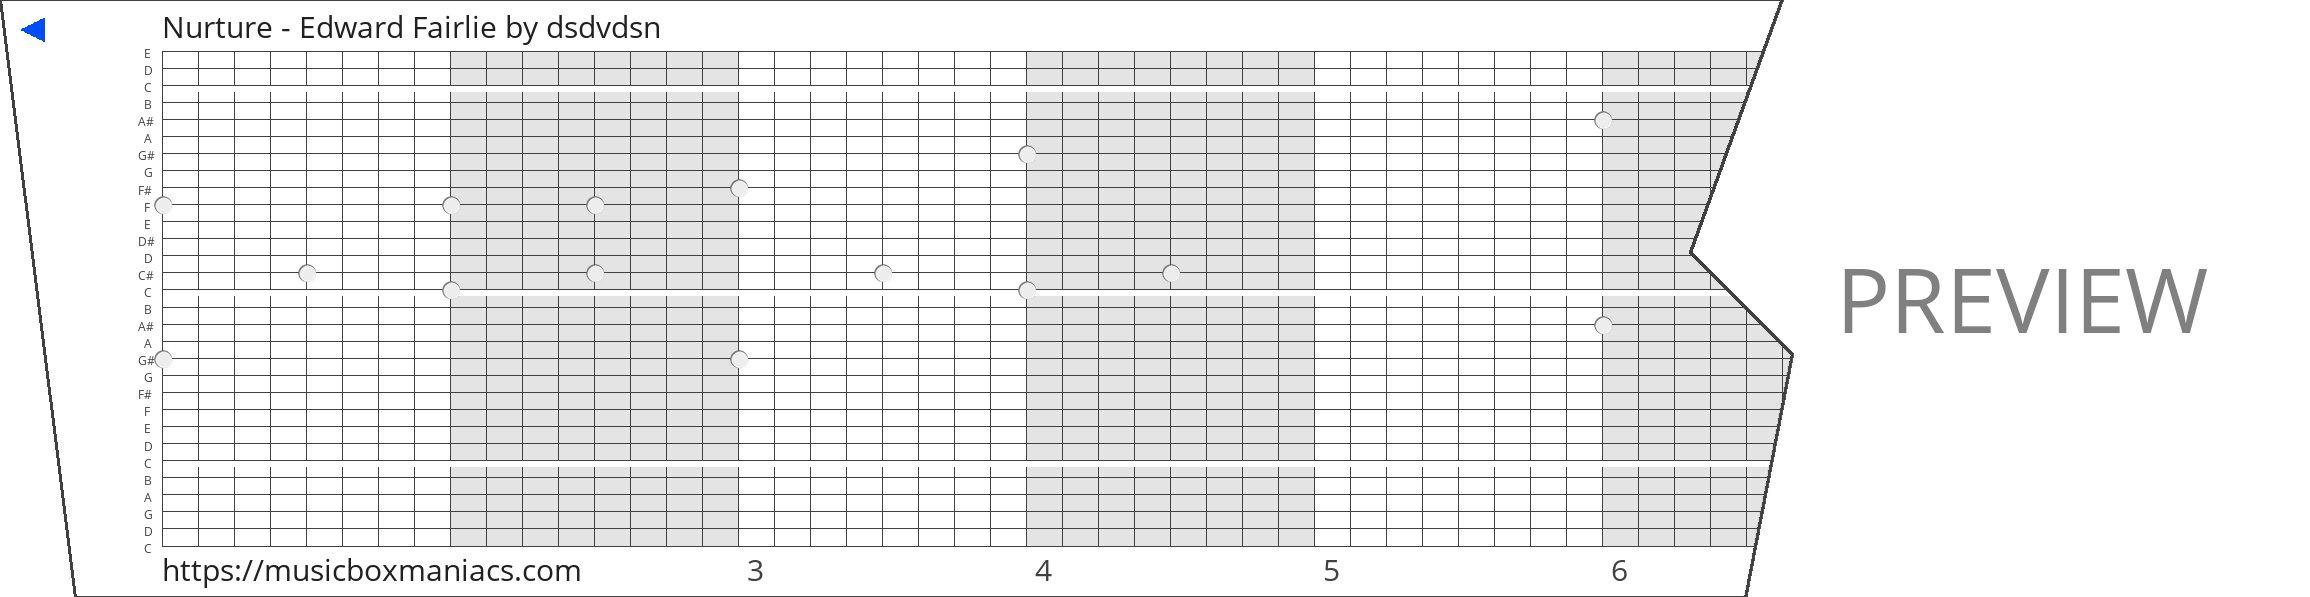 Nurture - Edward Fairlie 30 note music box paper strip